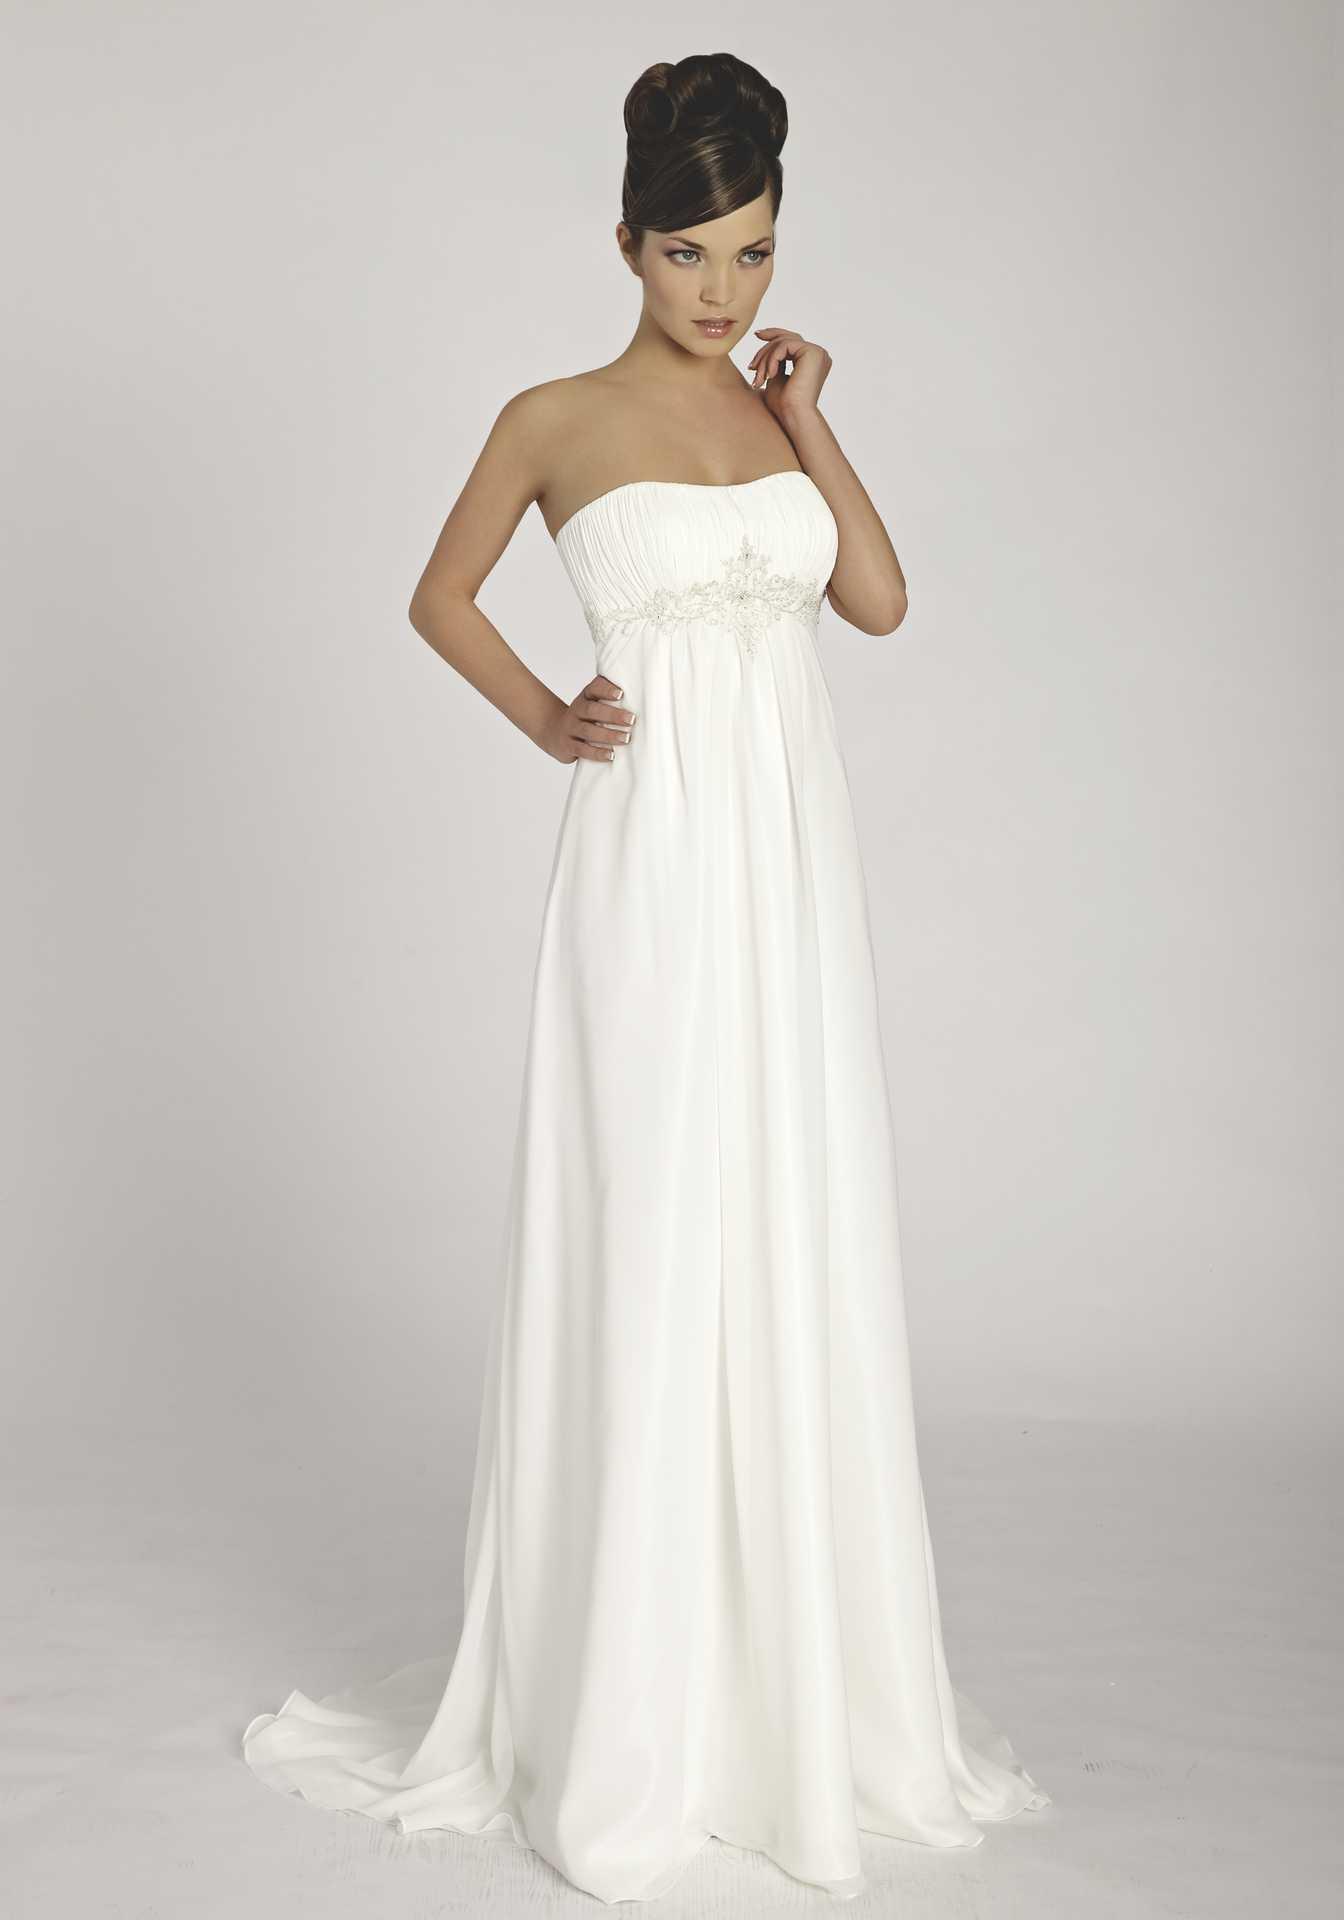 новогодние недорогие платья для средних женщин 2011